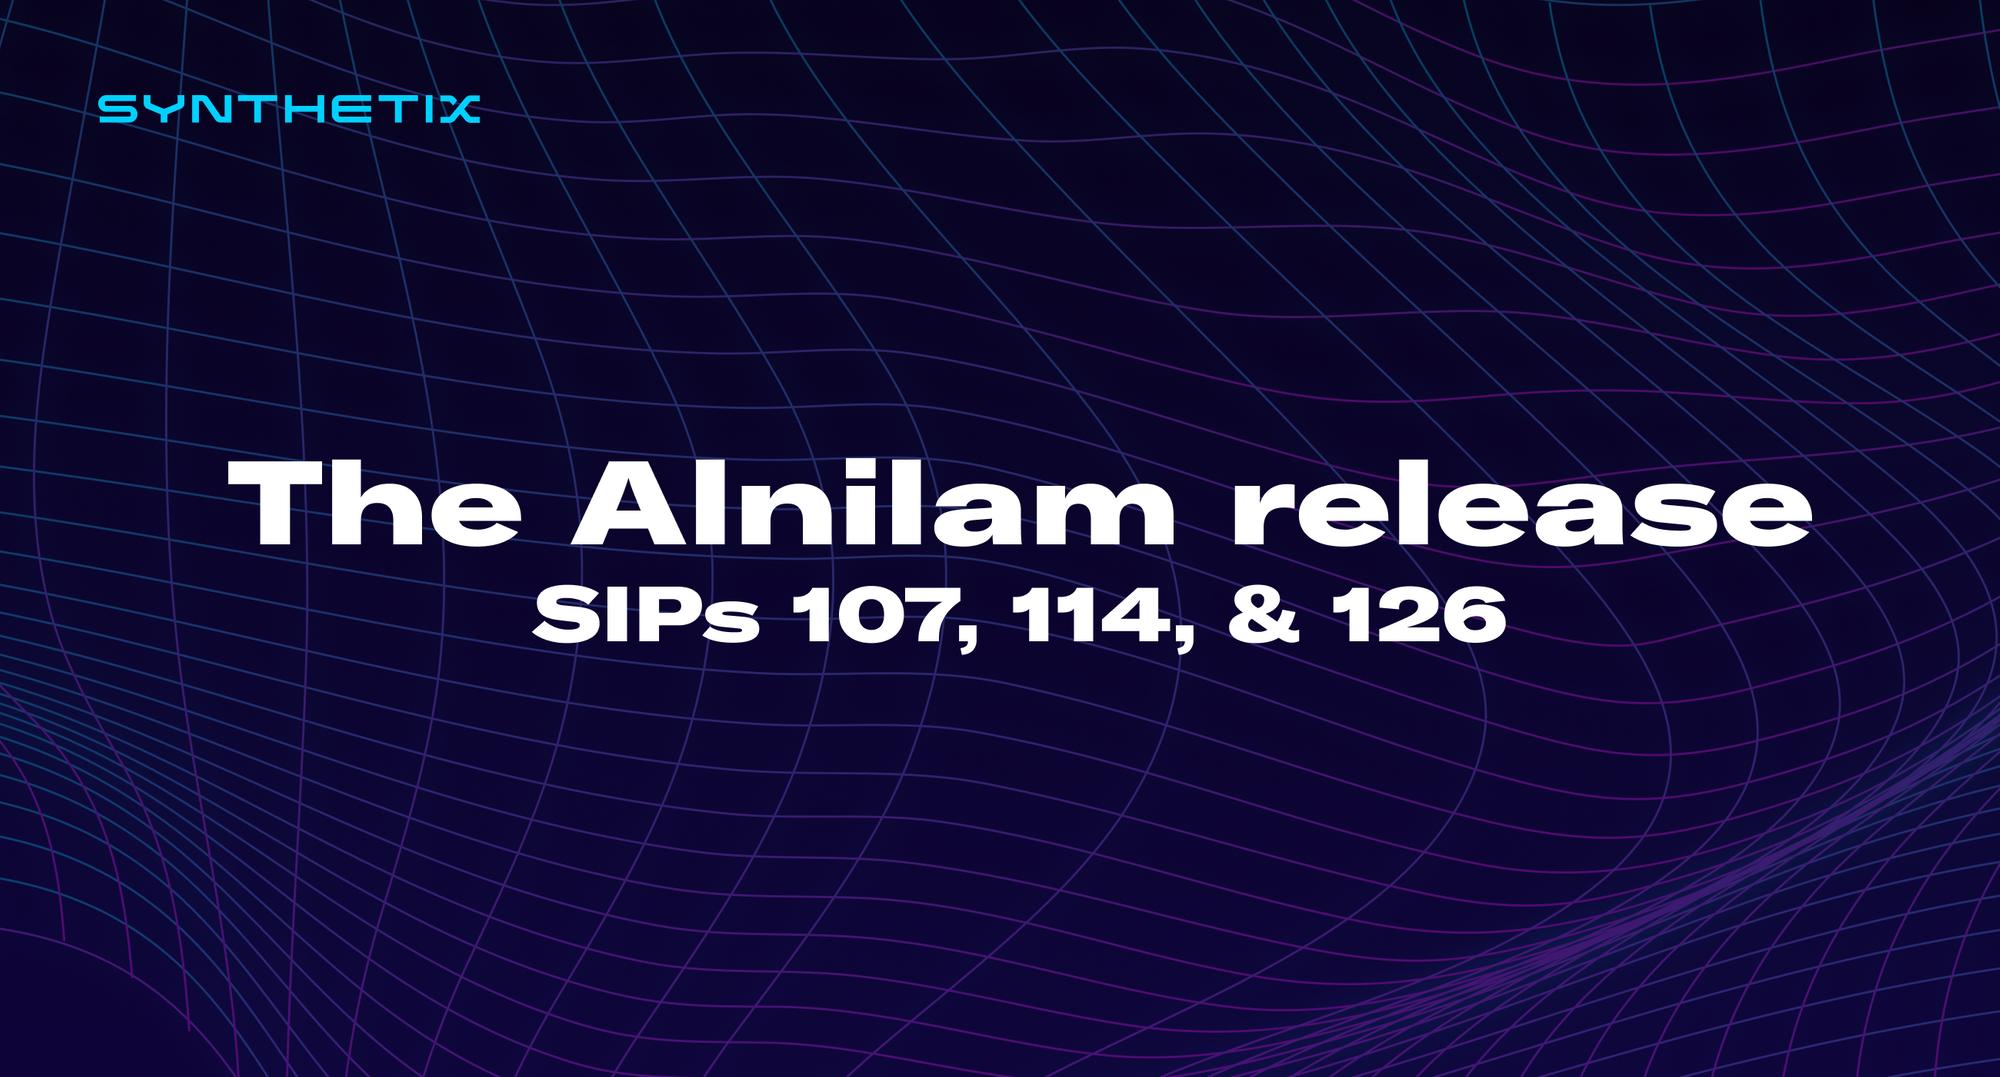 The Alnilam release